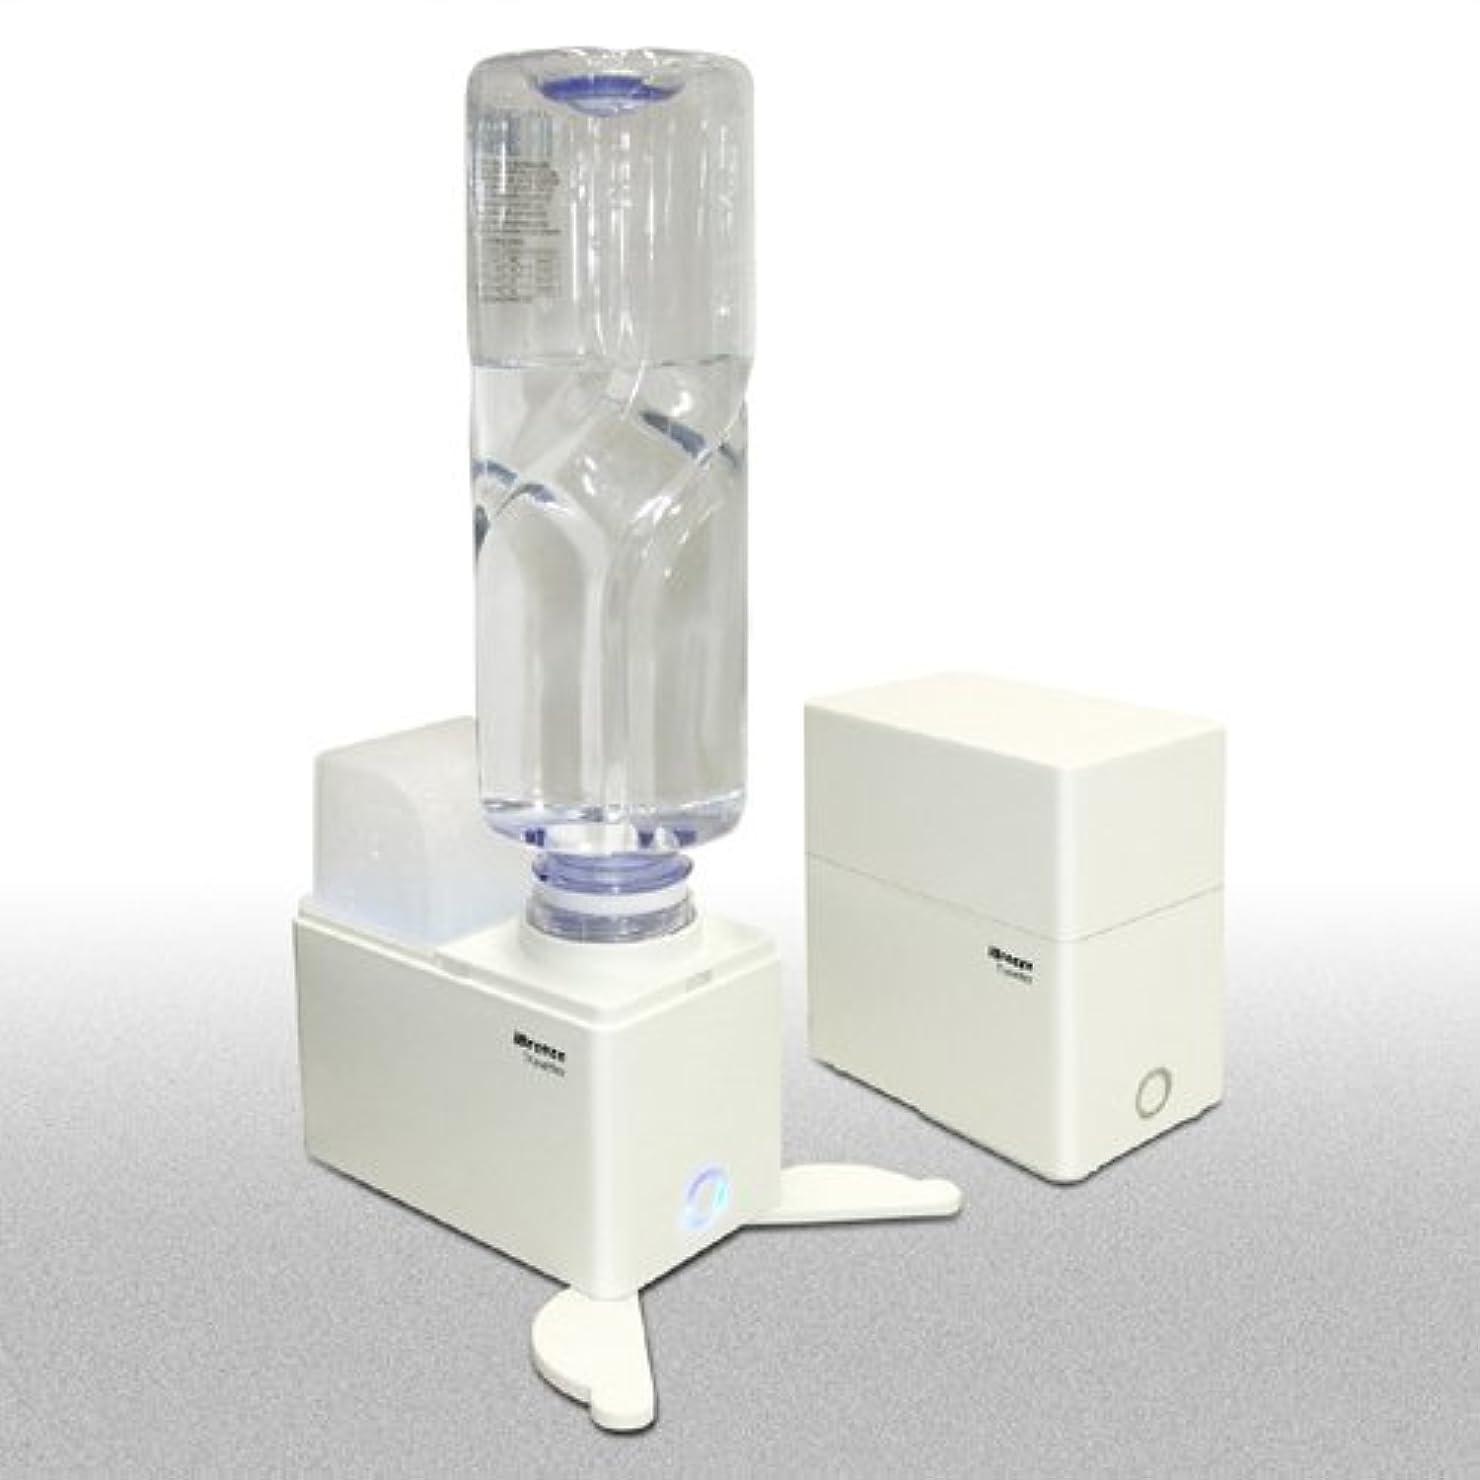 エレス アイブリーズ?トラベラー 超音波式ペットボトル加湿器 ホワイト ELAICE-415130